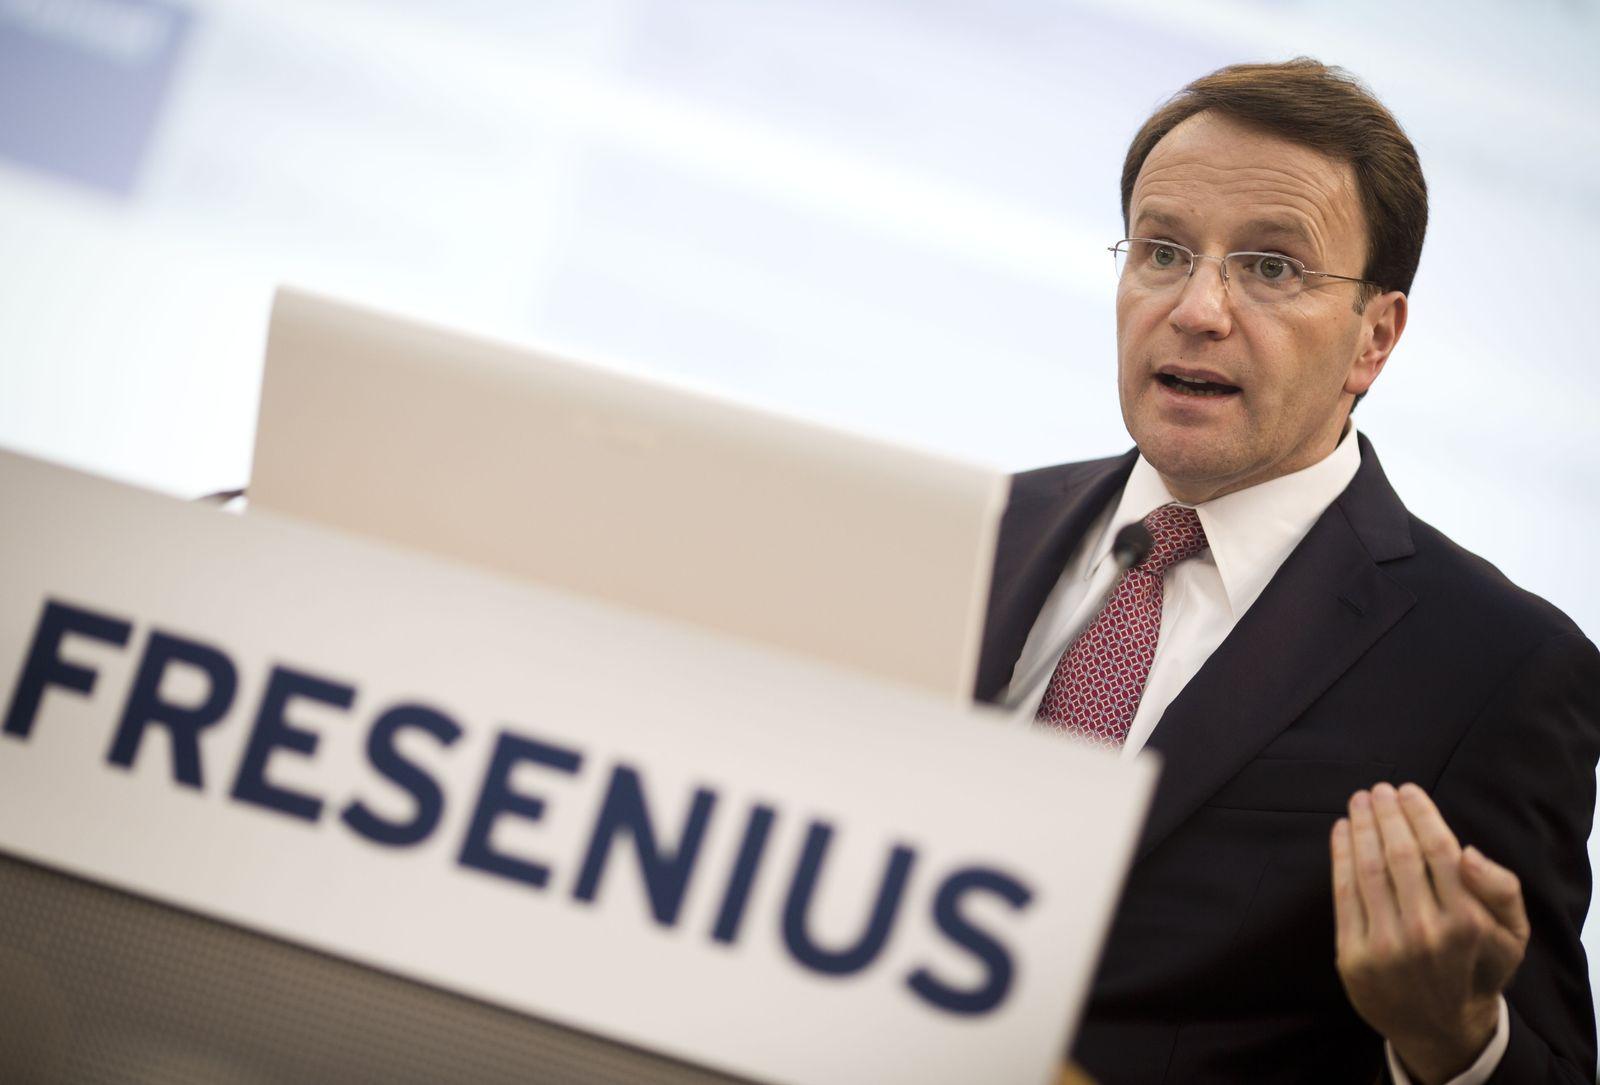 Fresenius / Ulf Schneider